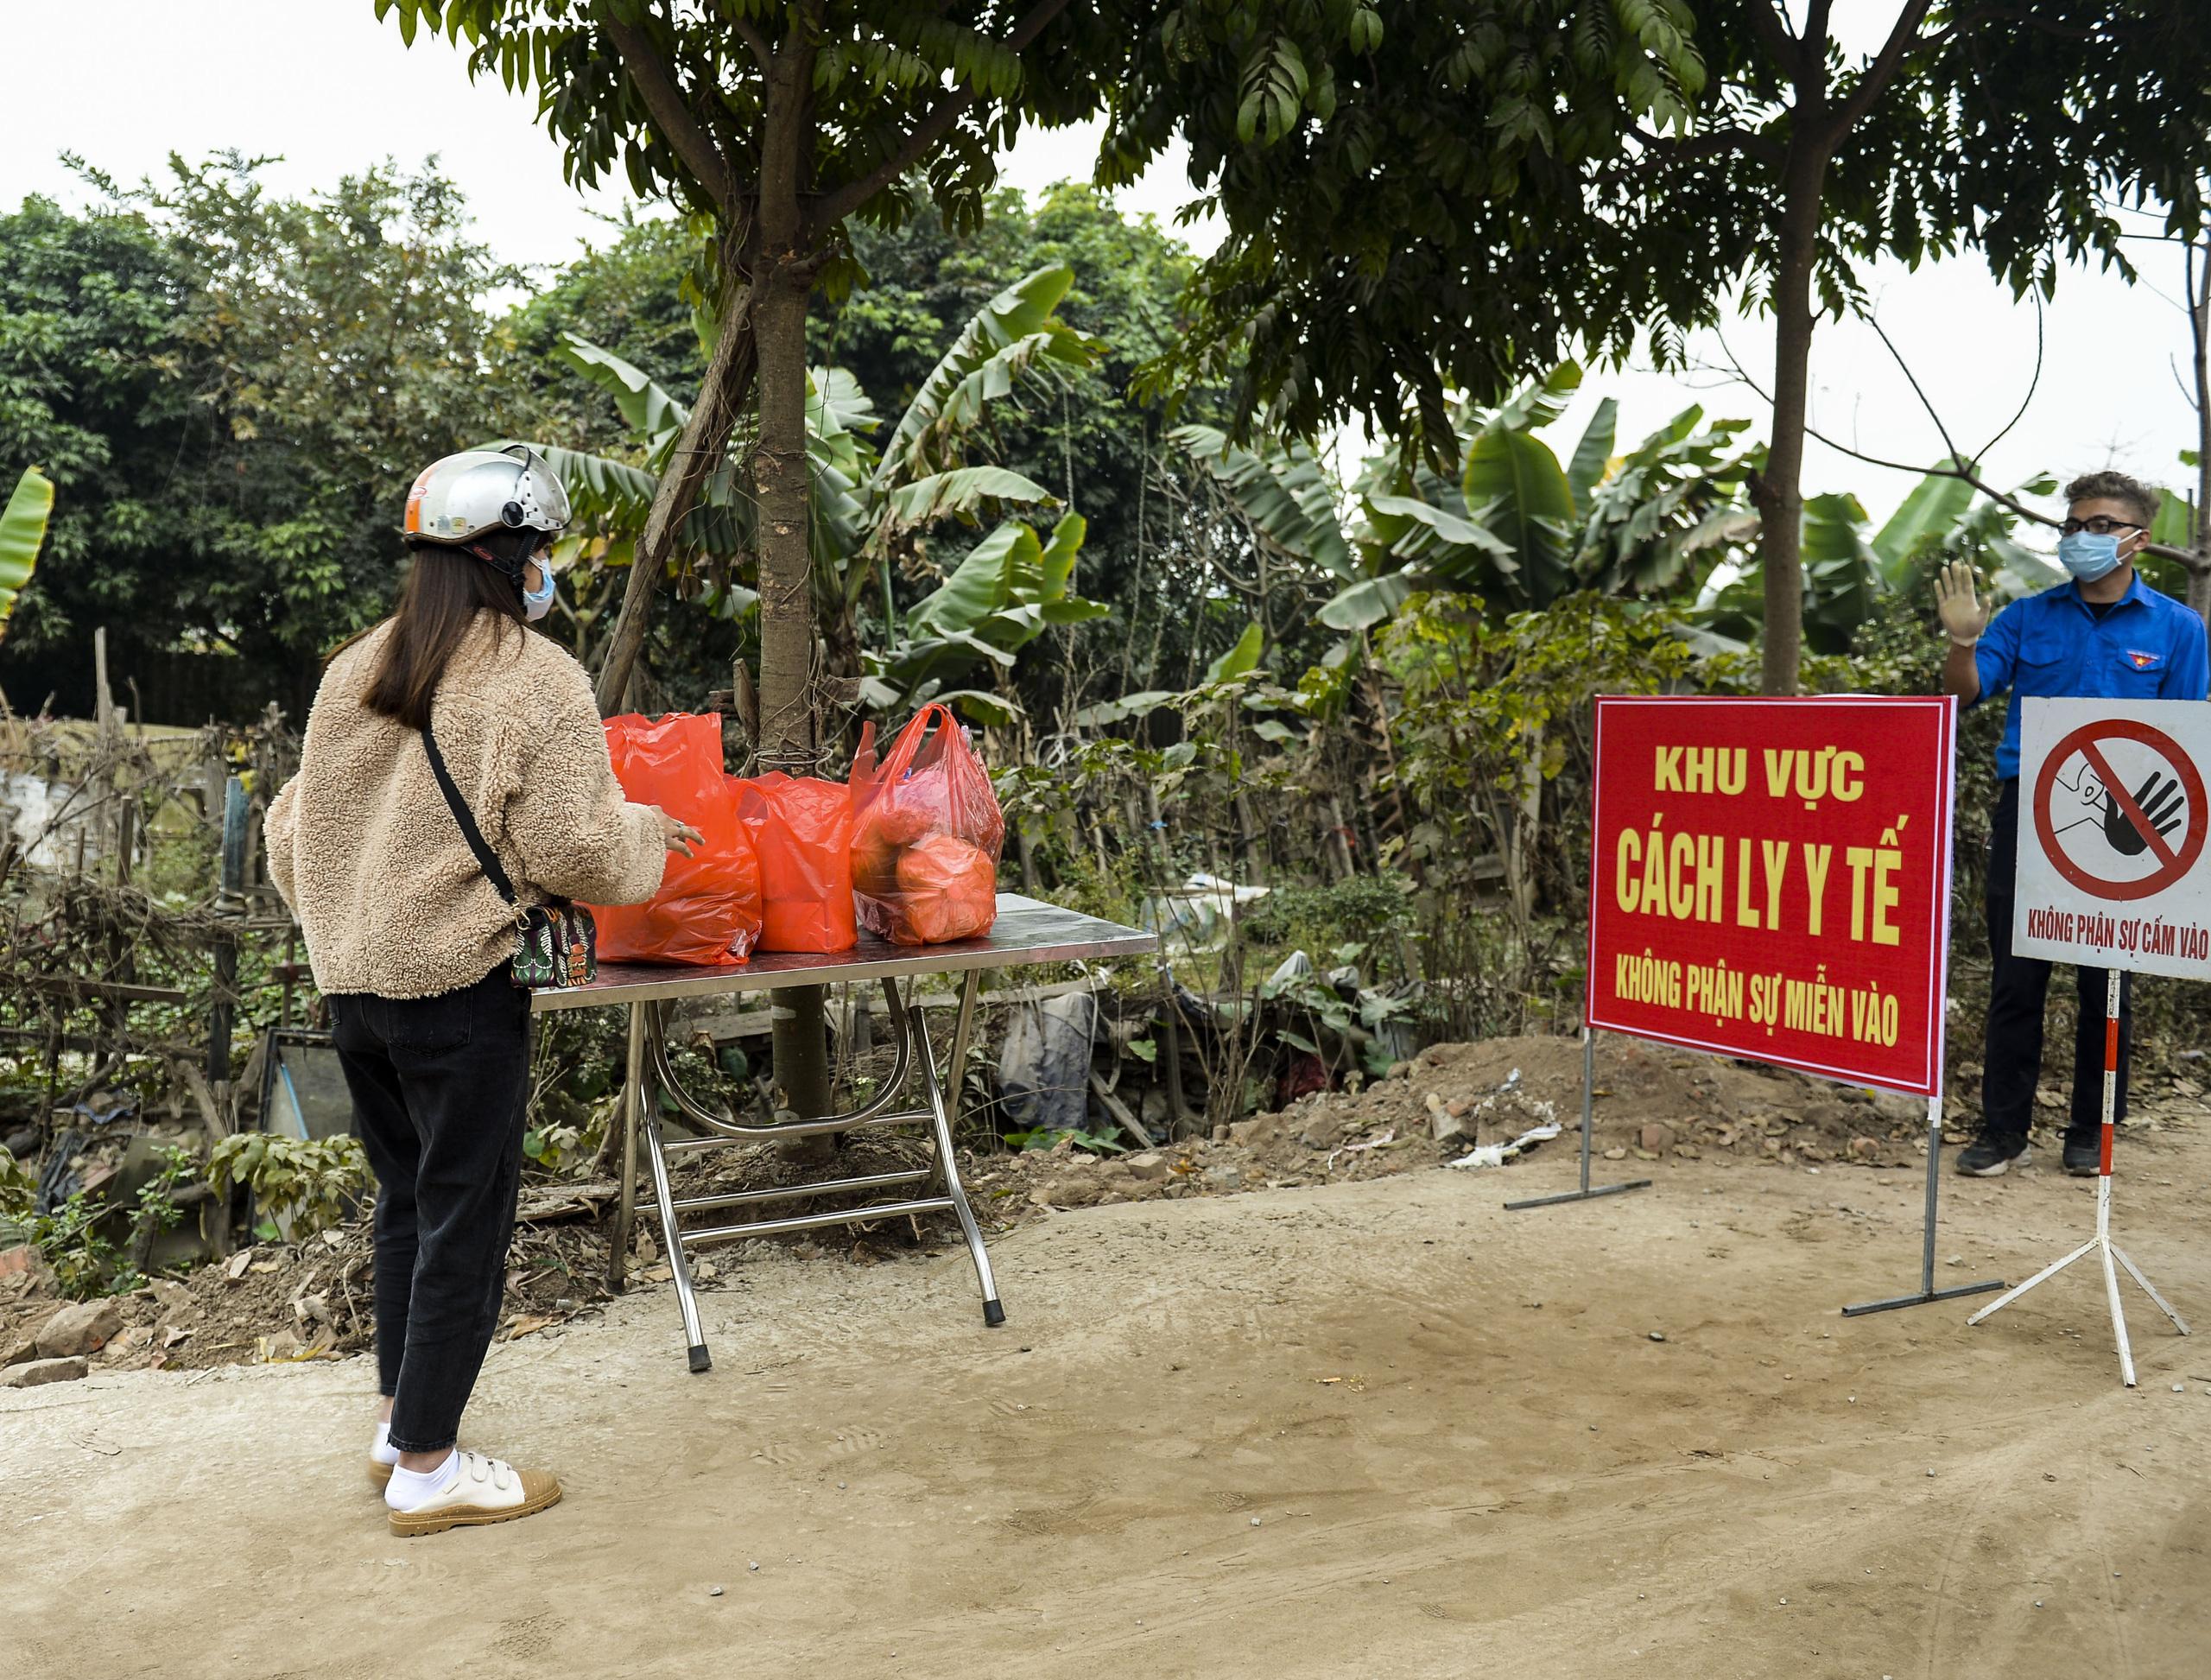 Hà Nội: Một gia đình dùng xe bán tải tiếp tế đồ cho người thân đang bị cách ly ở Đông Anh - Ảnh 9.